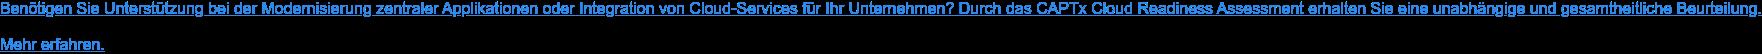 Benötigen Sie Unterstützung bei der Modernisierung zentraler Applikationen oder  Integration von Cloud-Services für Ihr Unternehmen? Durch das CAPTx Cloud  Readiness Assessment erhalten Sie eine unabhängige und gesamtheitliche  Beurteilung.  Mehr erfahren.